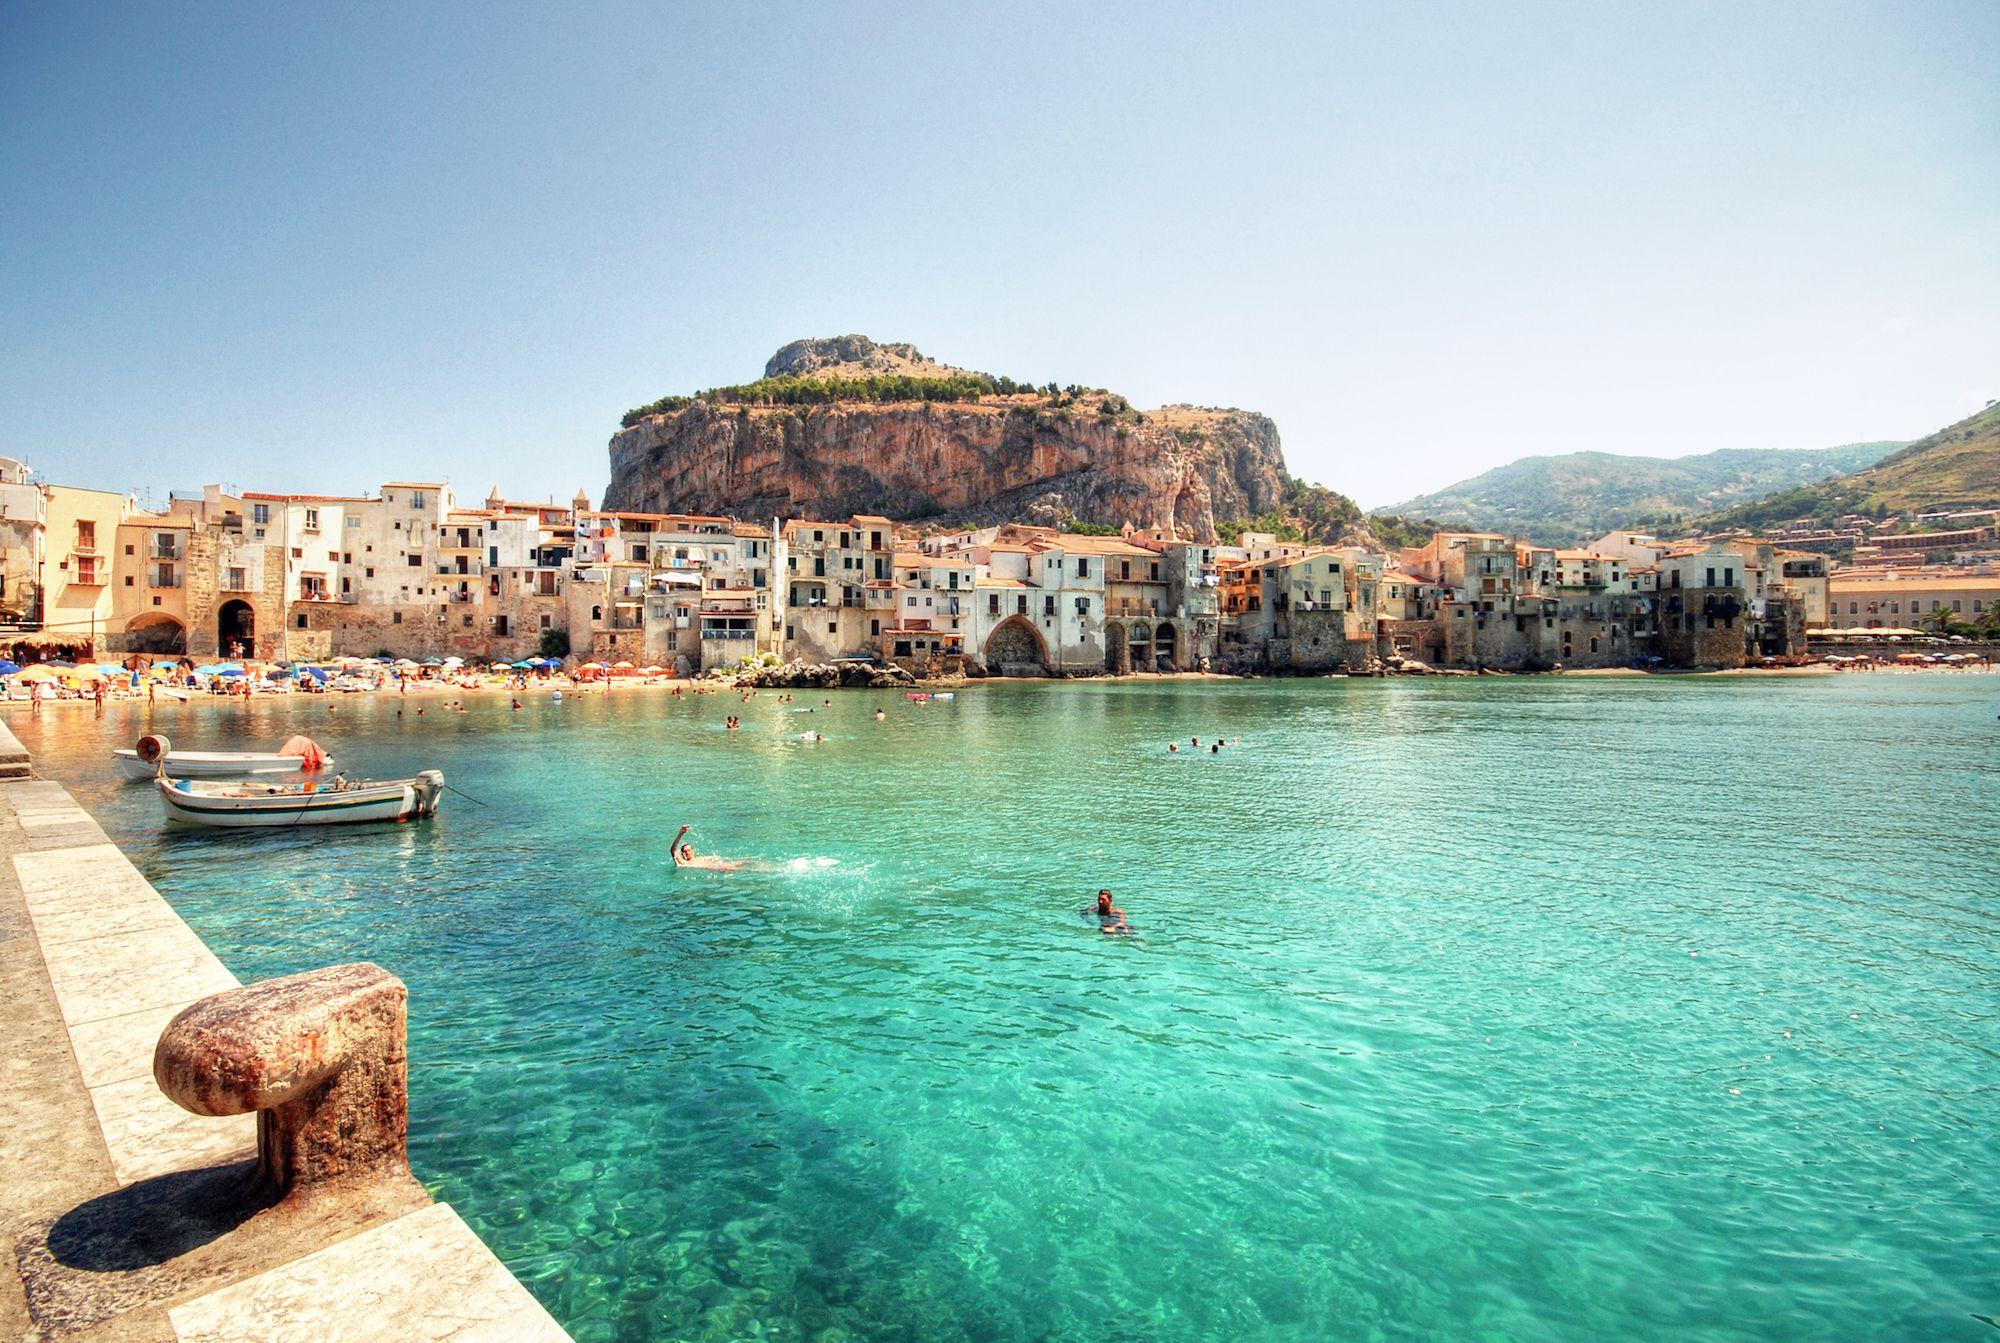 Остров сицилия картинка